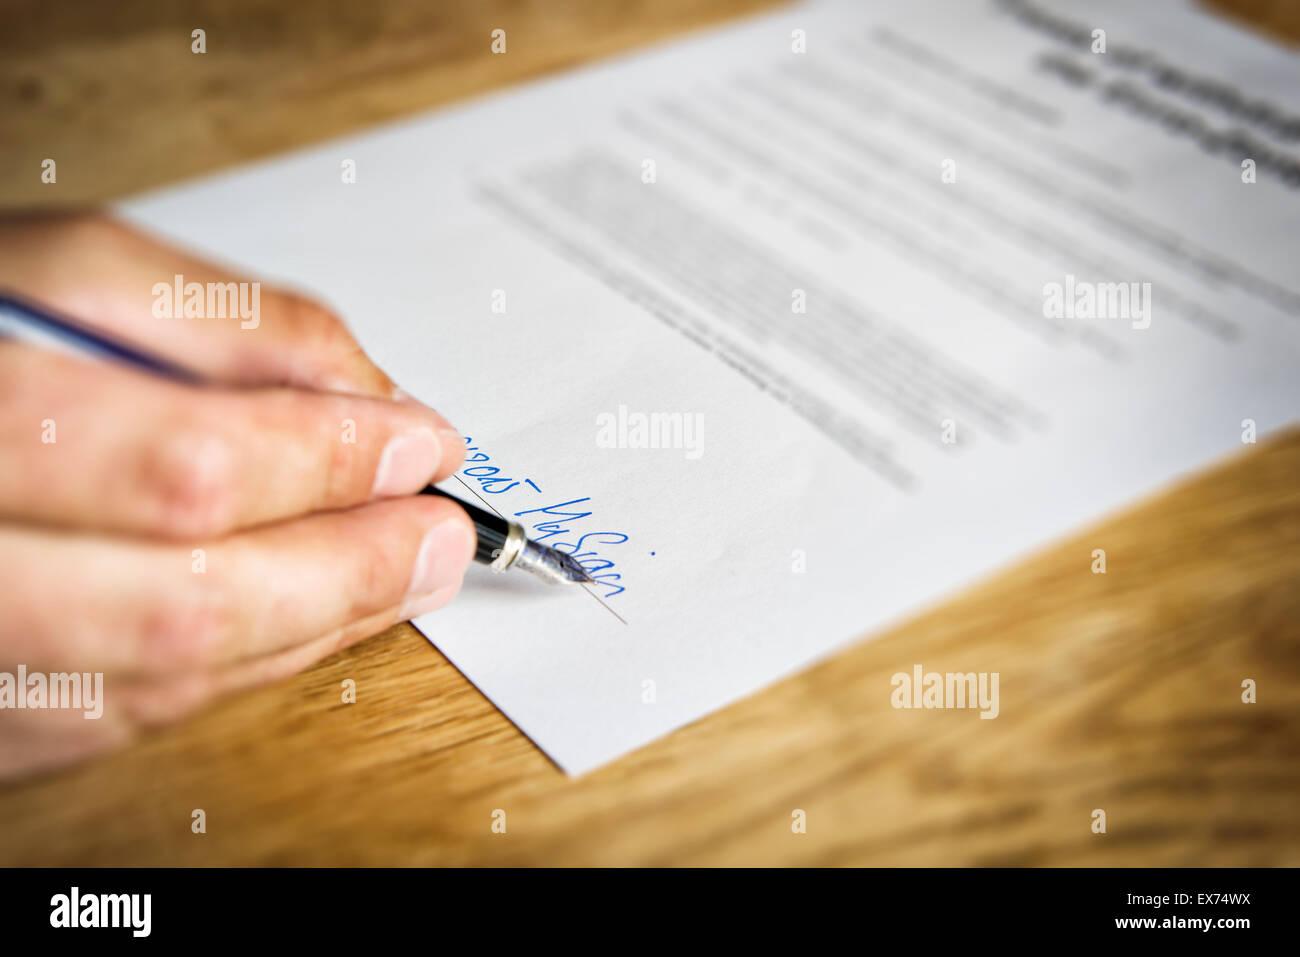 Imagen de una mano que firma un contrato de negocios Imagen De Stock